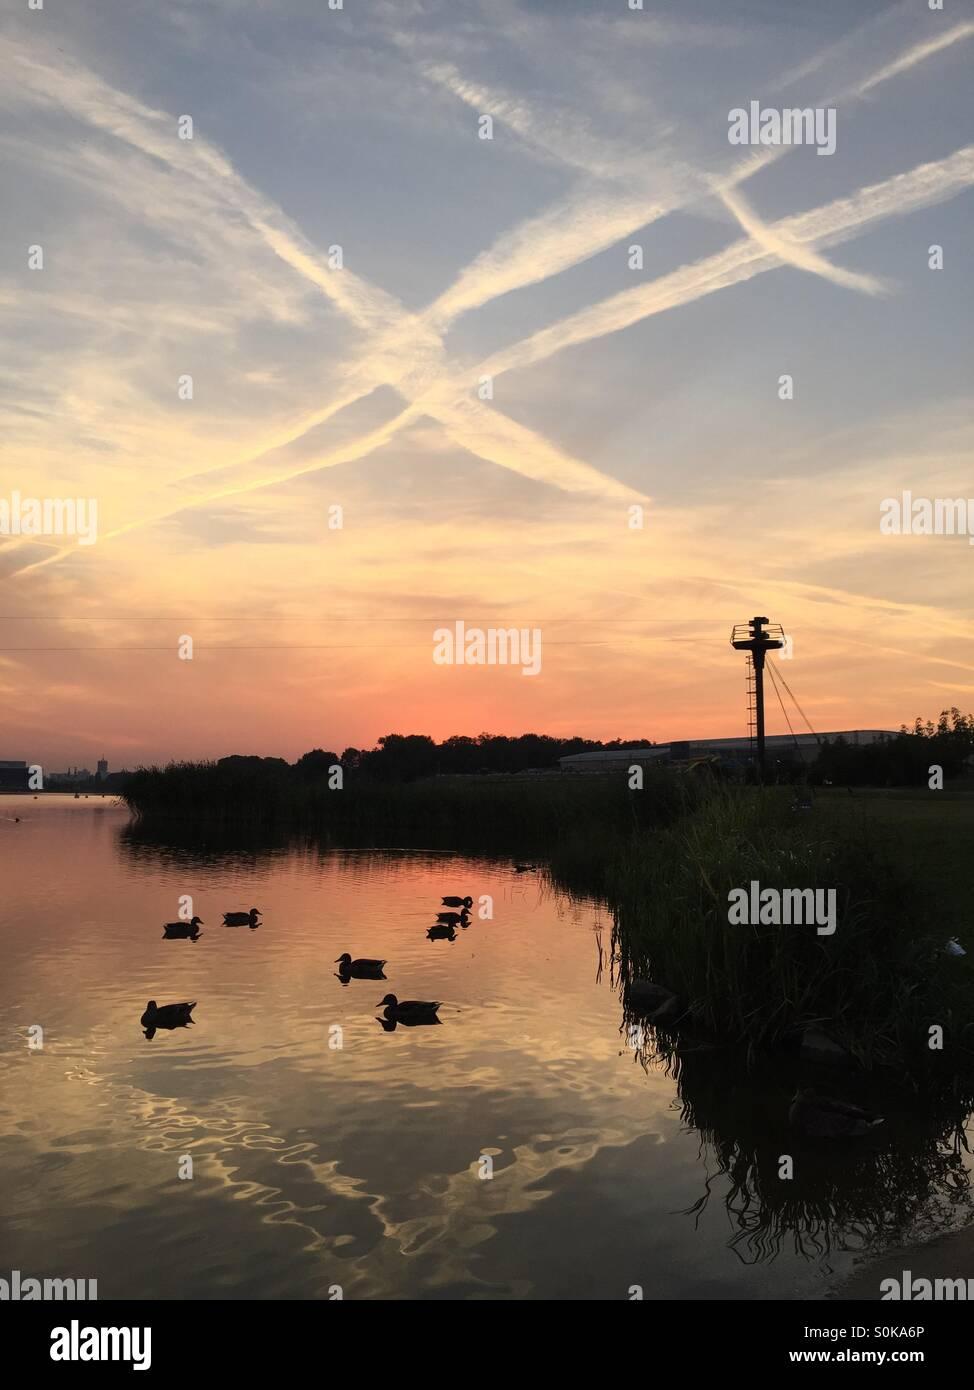 Puesta de sol sobre el lago Malta Poznan, Polonia Imagen De Stock